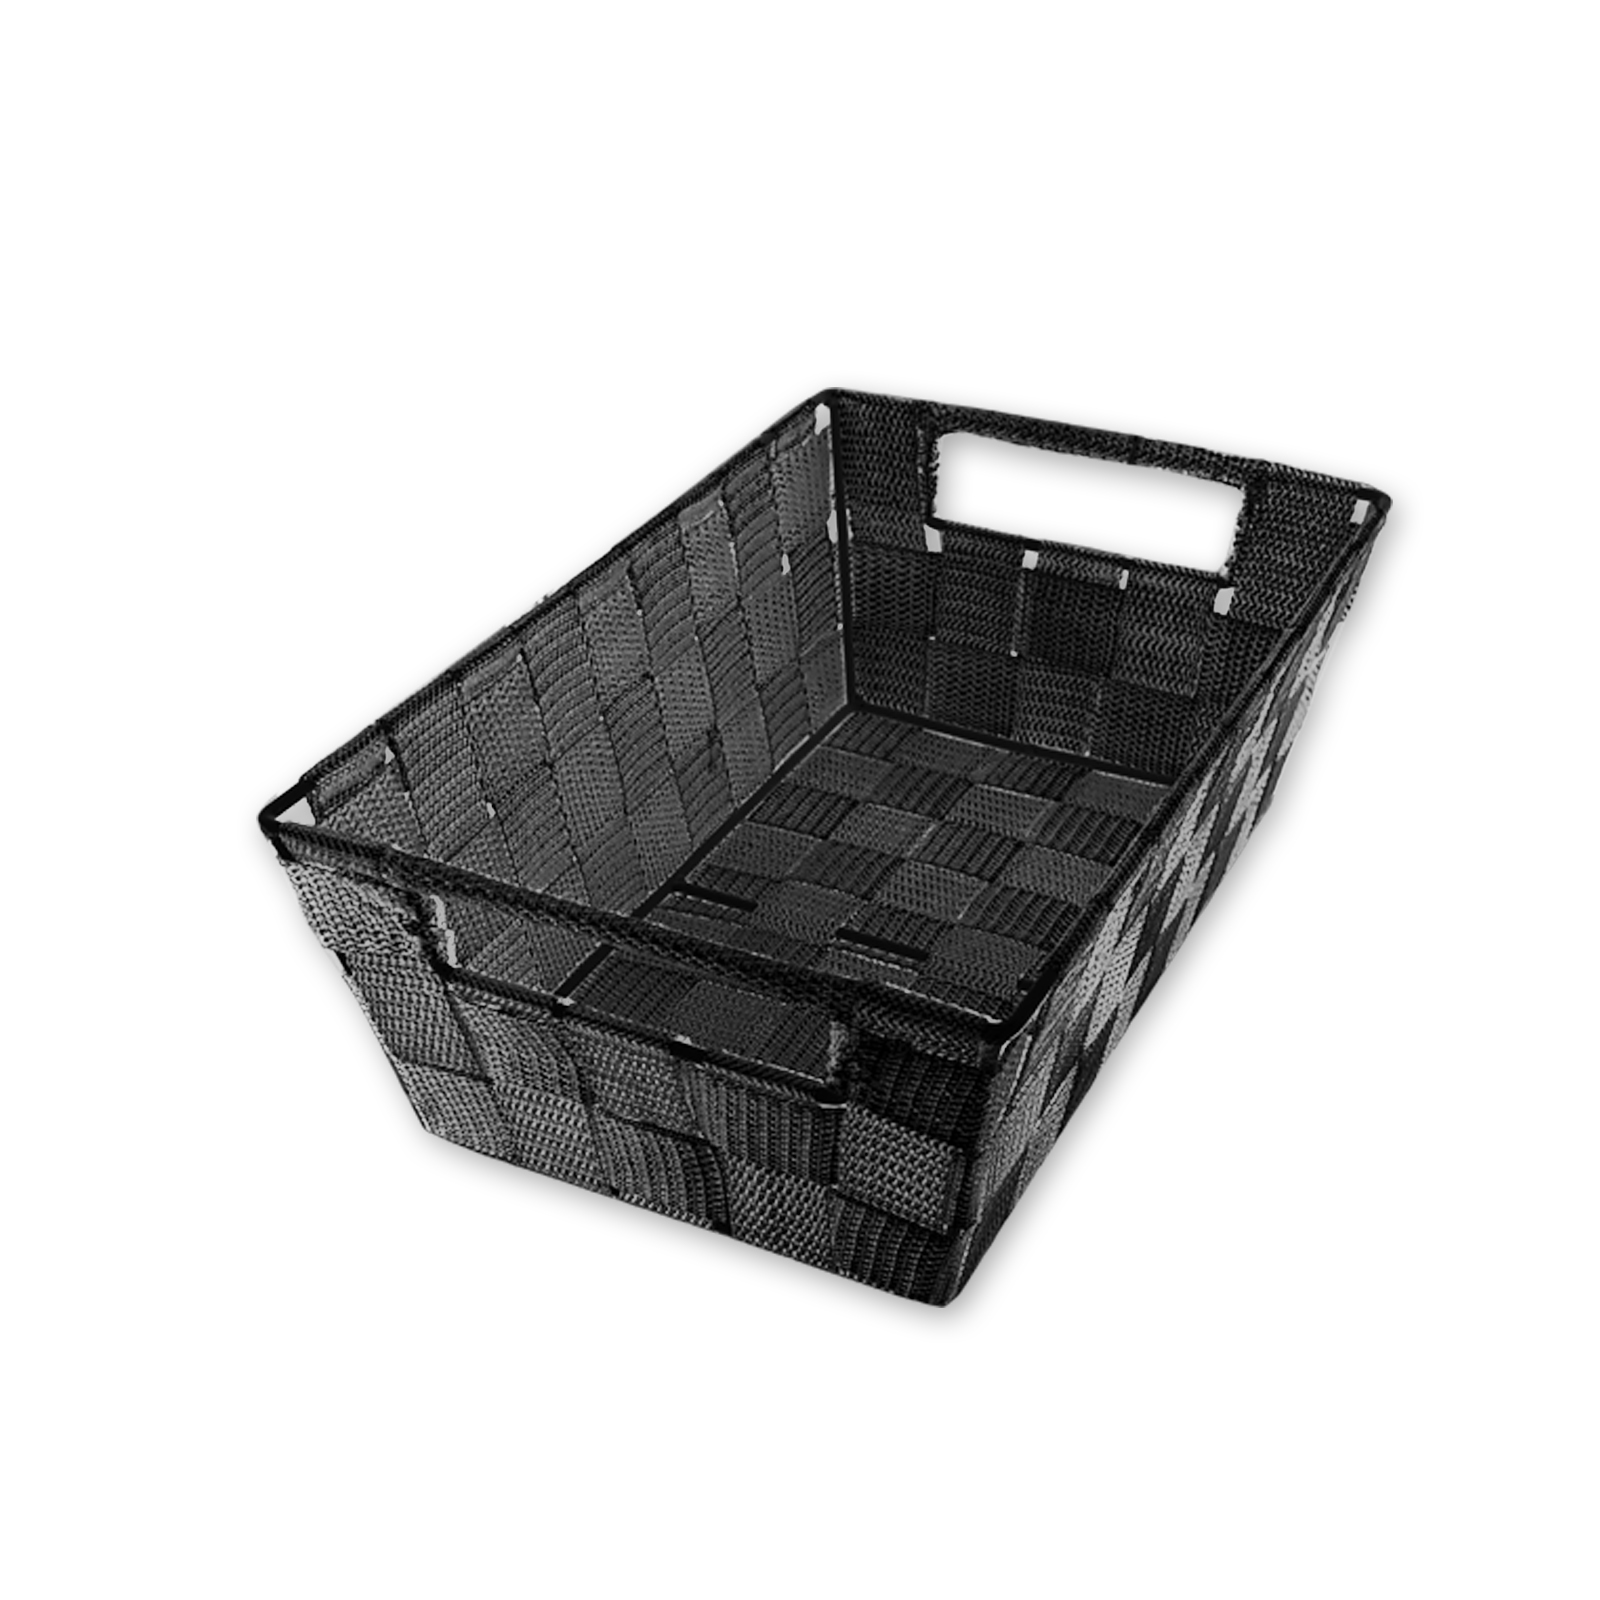 panier pour salle de bain plastique tresse corbeille rangement cuisine r cipient ebay. Black Bedroom Furniture Sets. Home Design Ideas